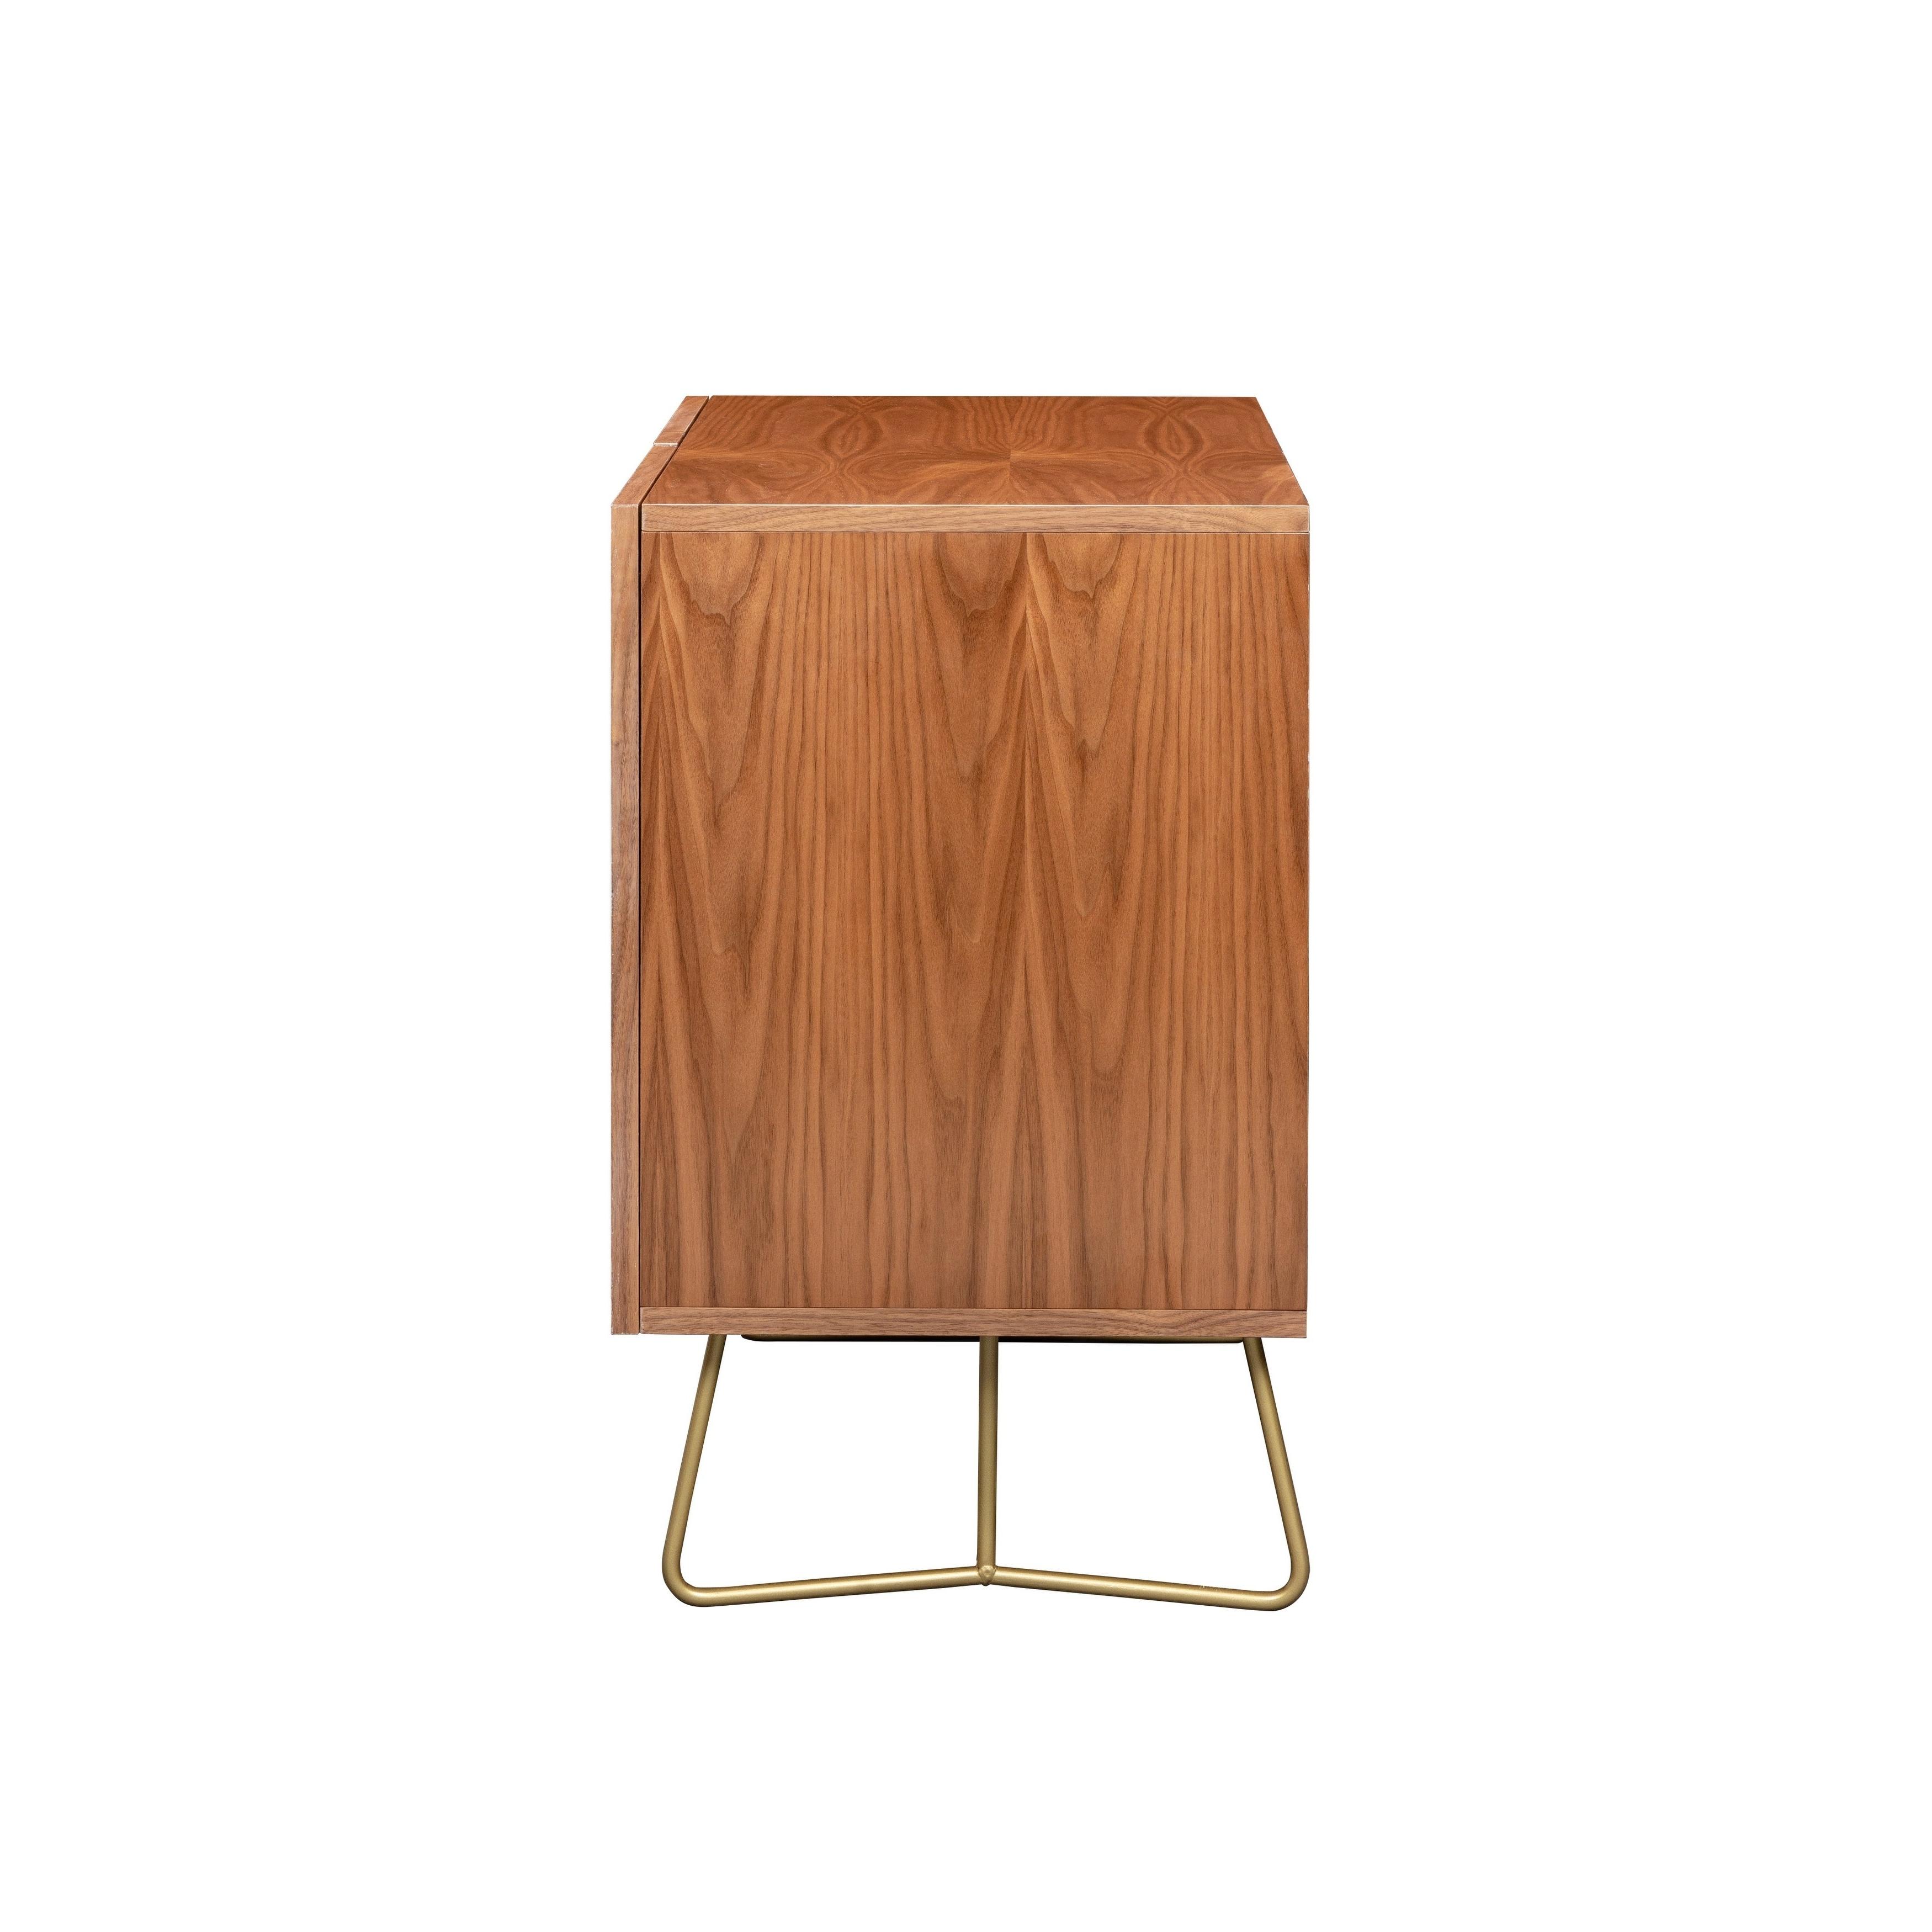 Deny Designs Emerald Cubes Credenza (birch Or Walnut, 2 Leg Options) For Emerald Cubes Credenzas (View 4 of 20)